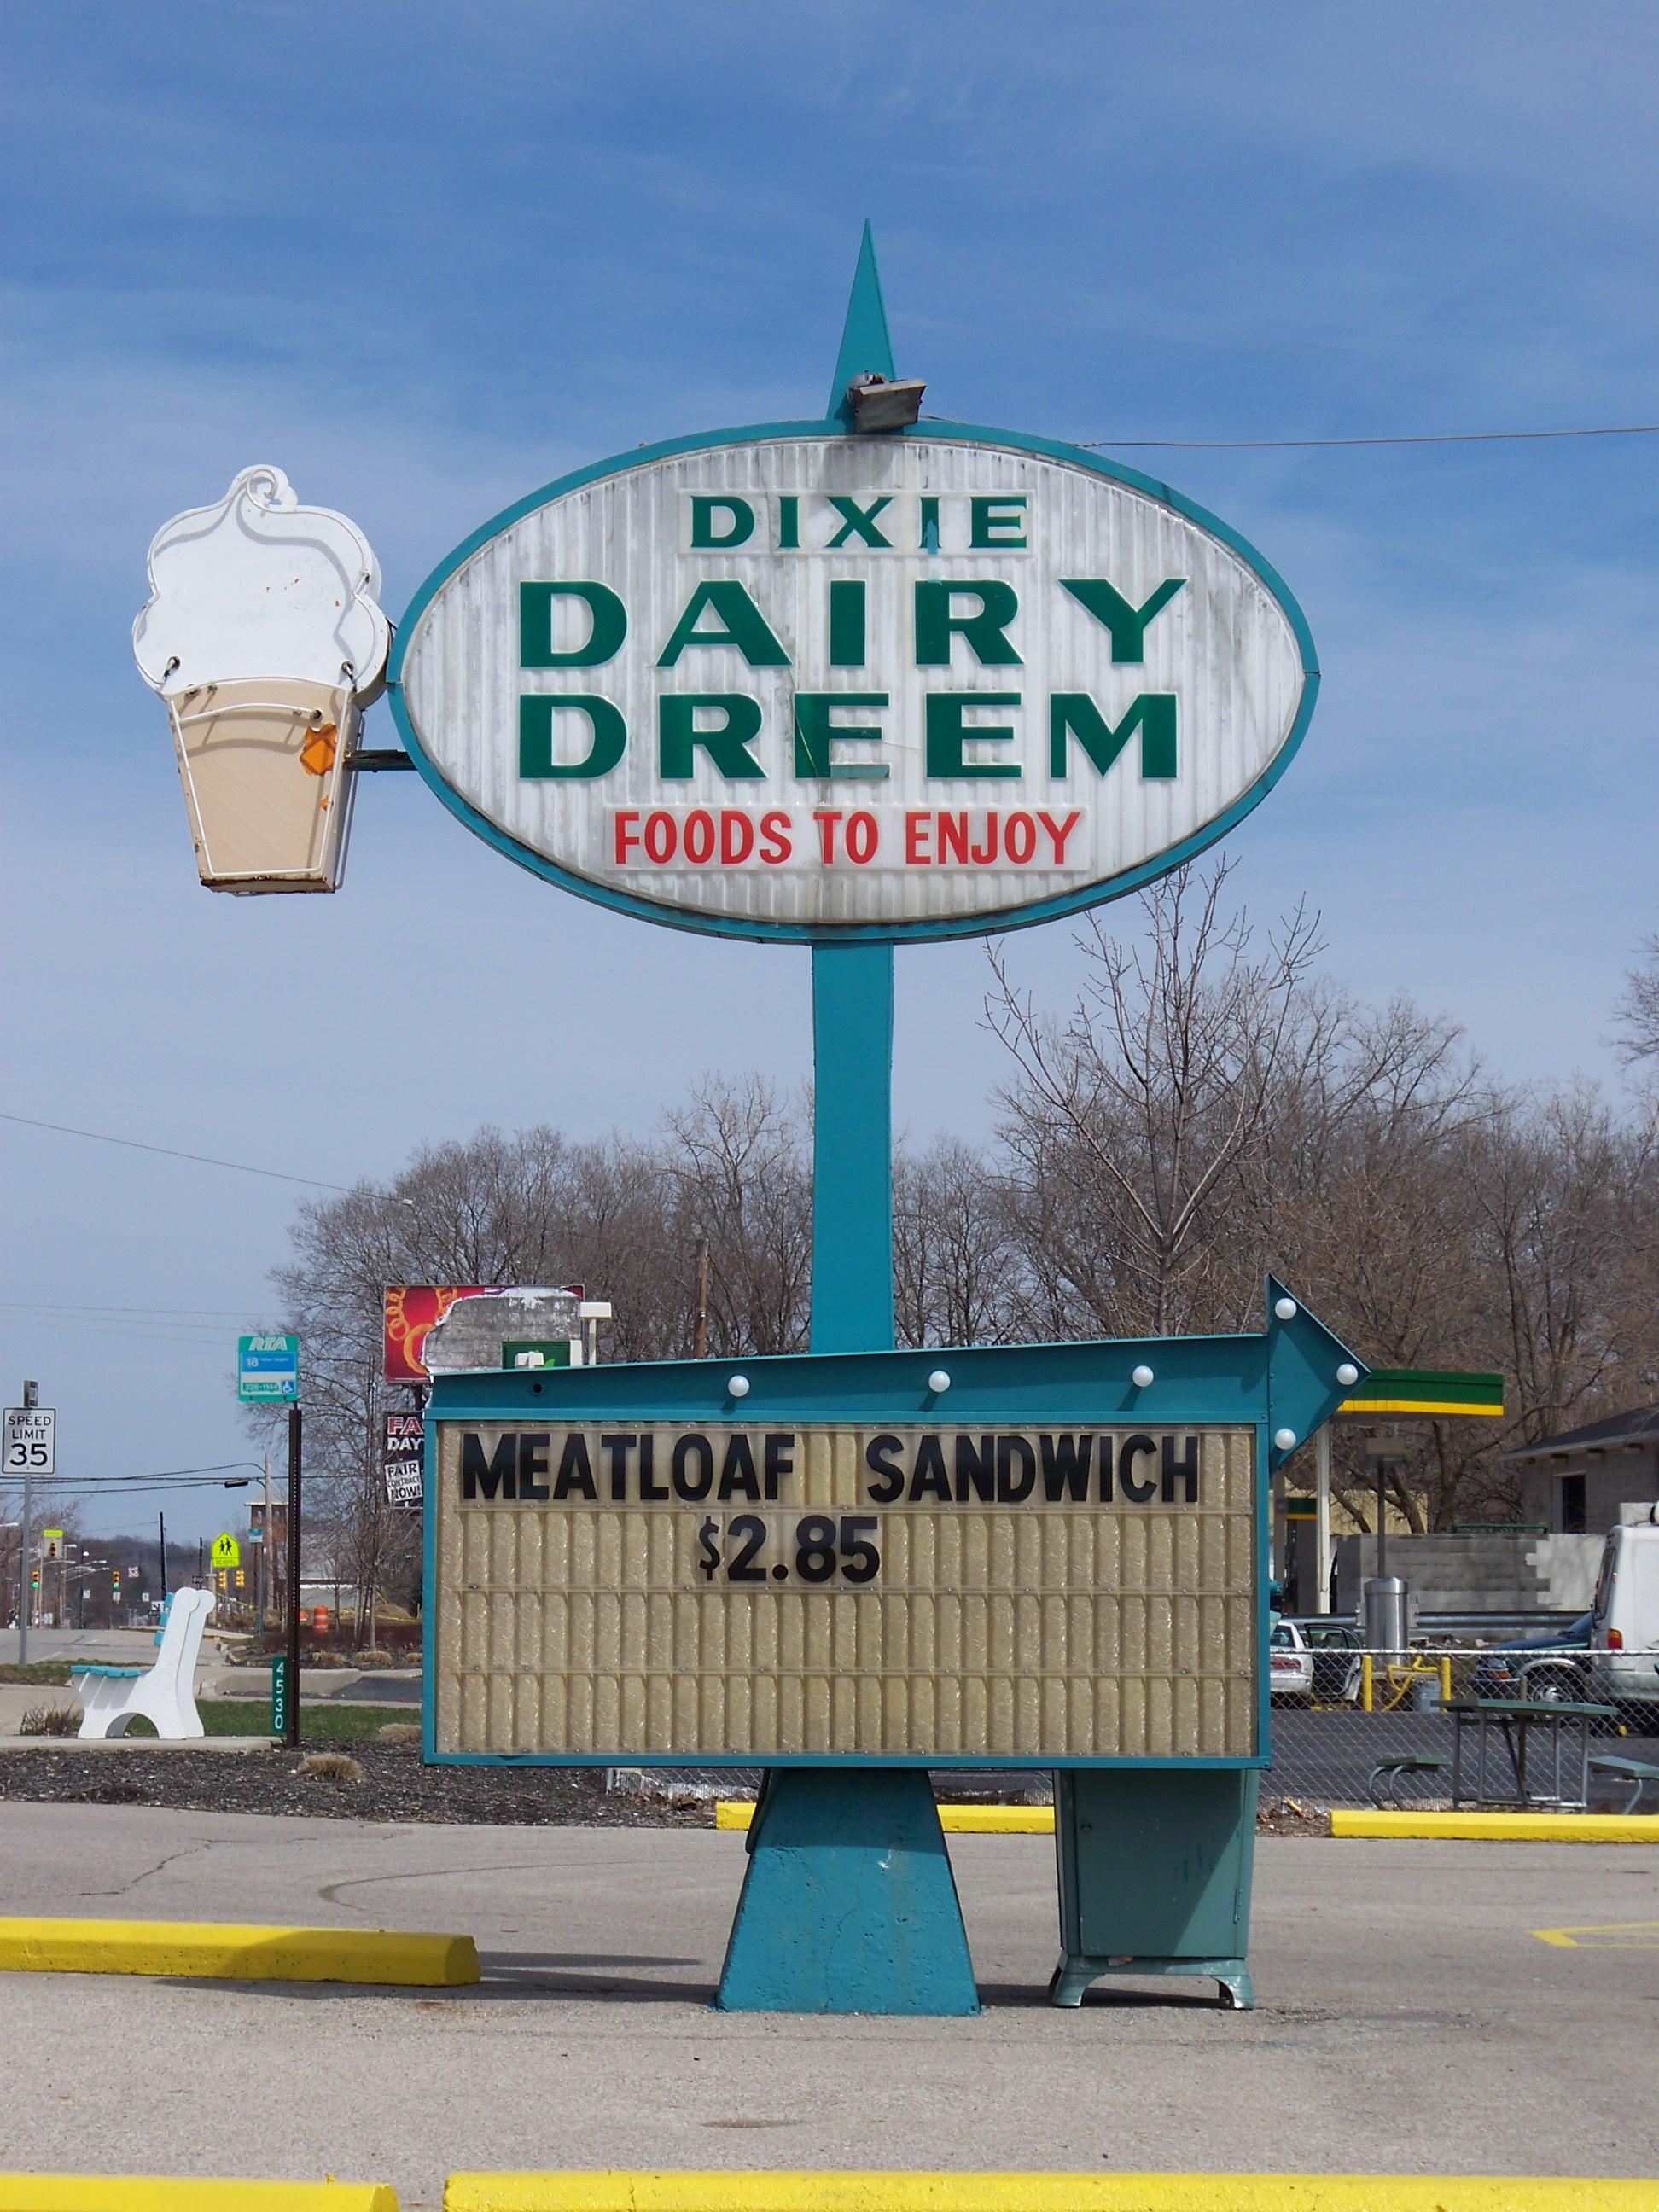 Dixie Dairy Dreem - 4542 South Dixie Drive, Dayton, Ohio U.S.A. - March 29, 2008